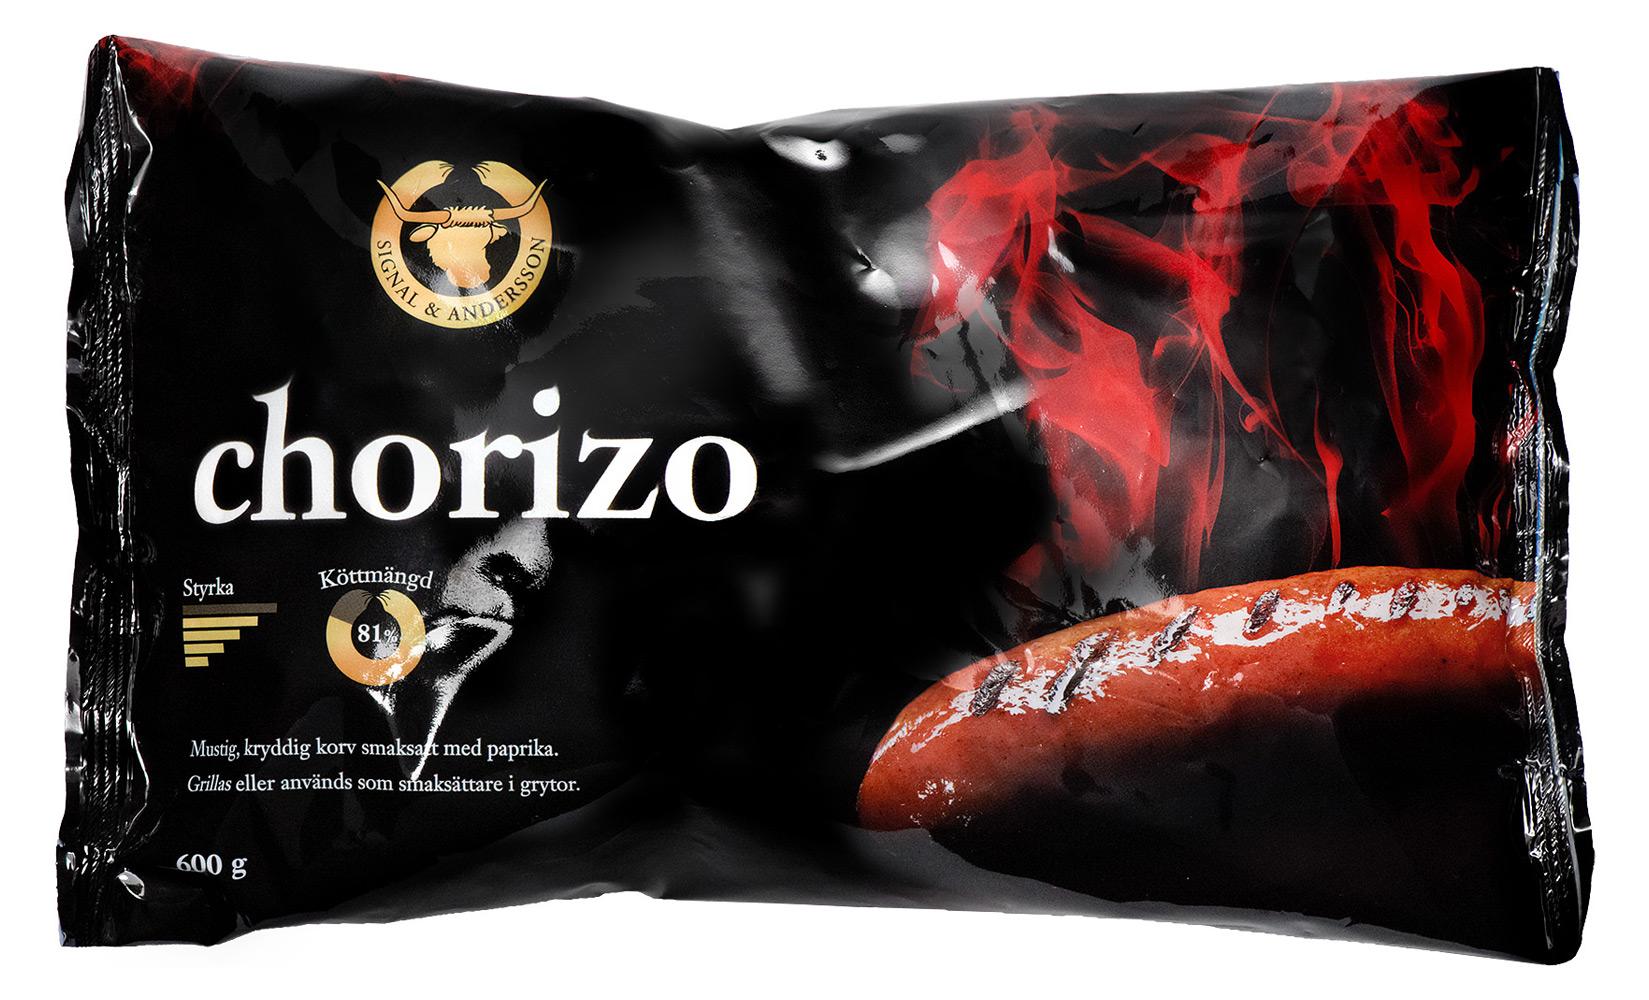 Förpackning chorizo - Design av Peter Berglund, Bullit Reklambyrå